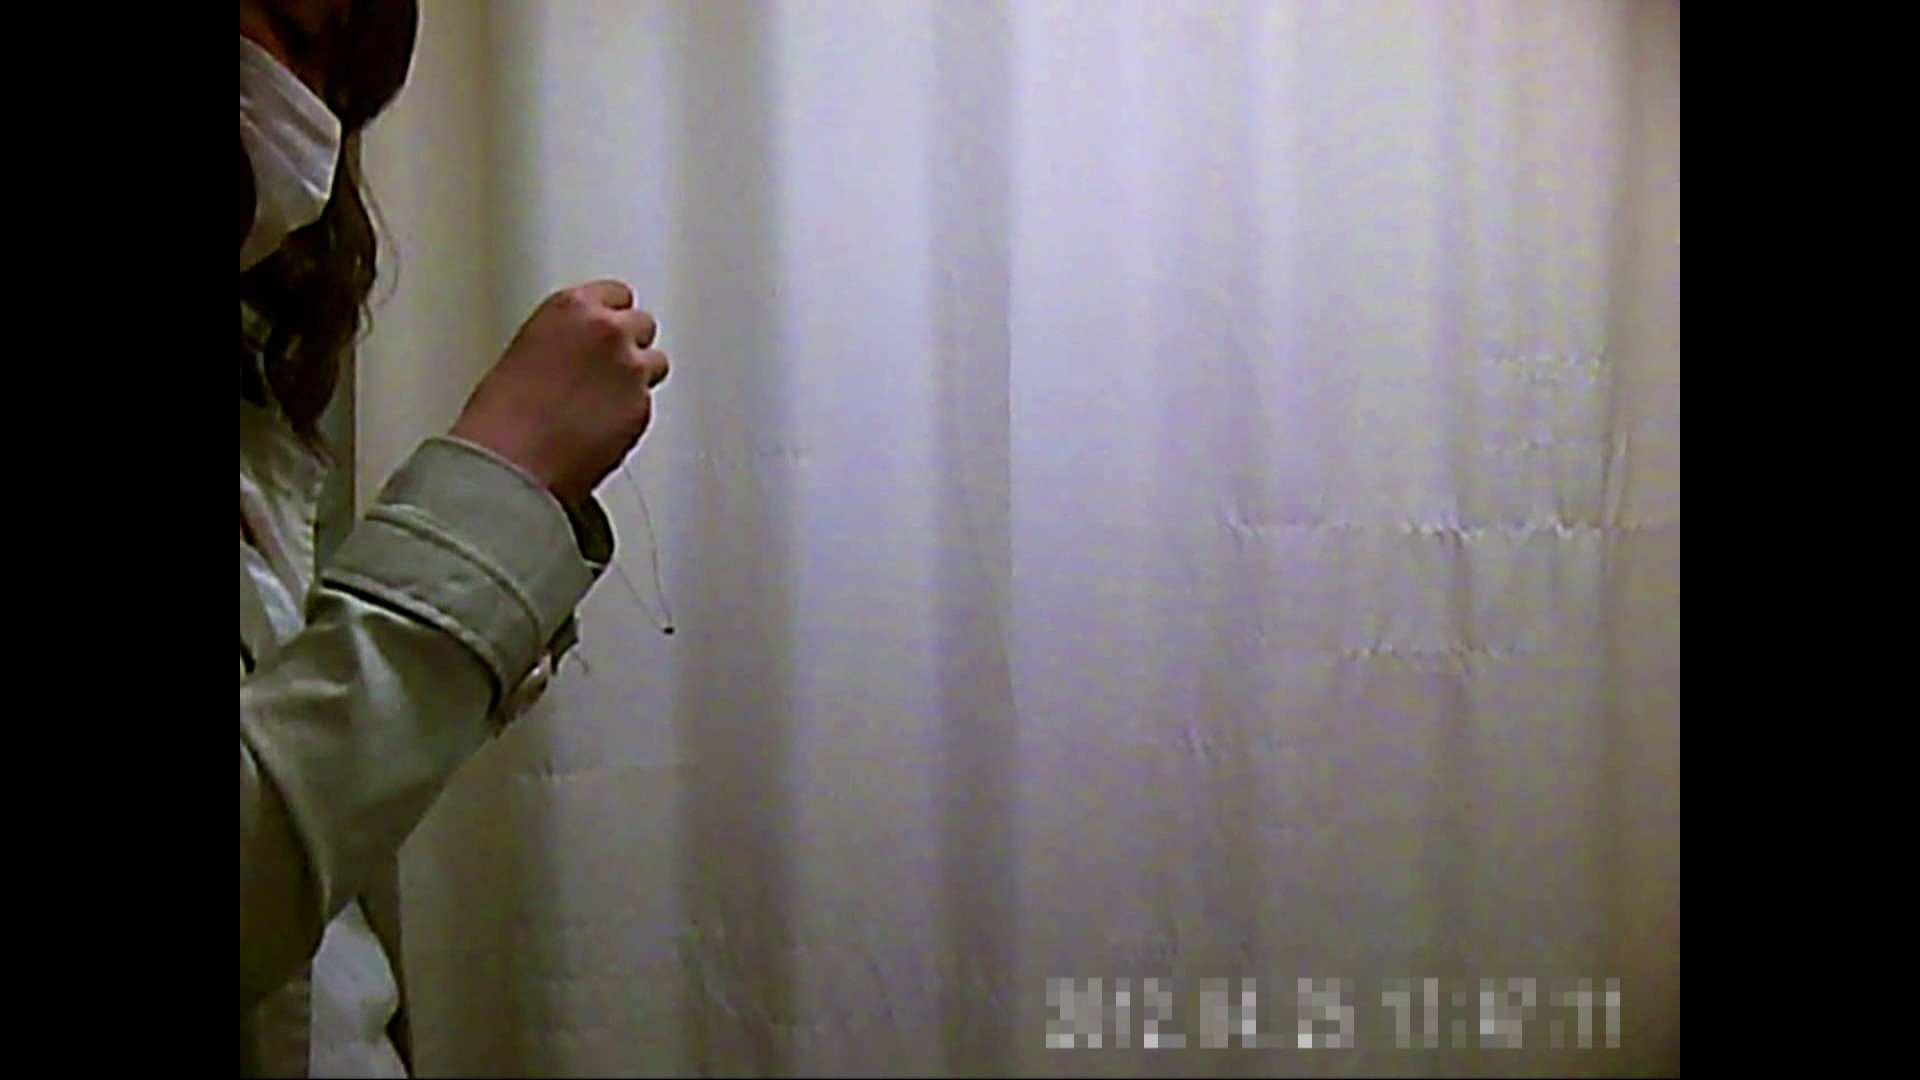 病院おもいっきり着替え! vol.287 美しいOLの裸体 オマンコ無修正動画無料 74pic 44